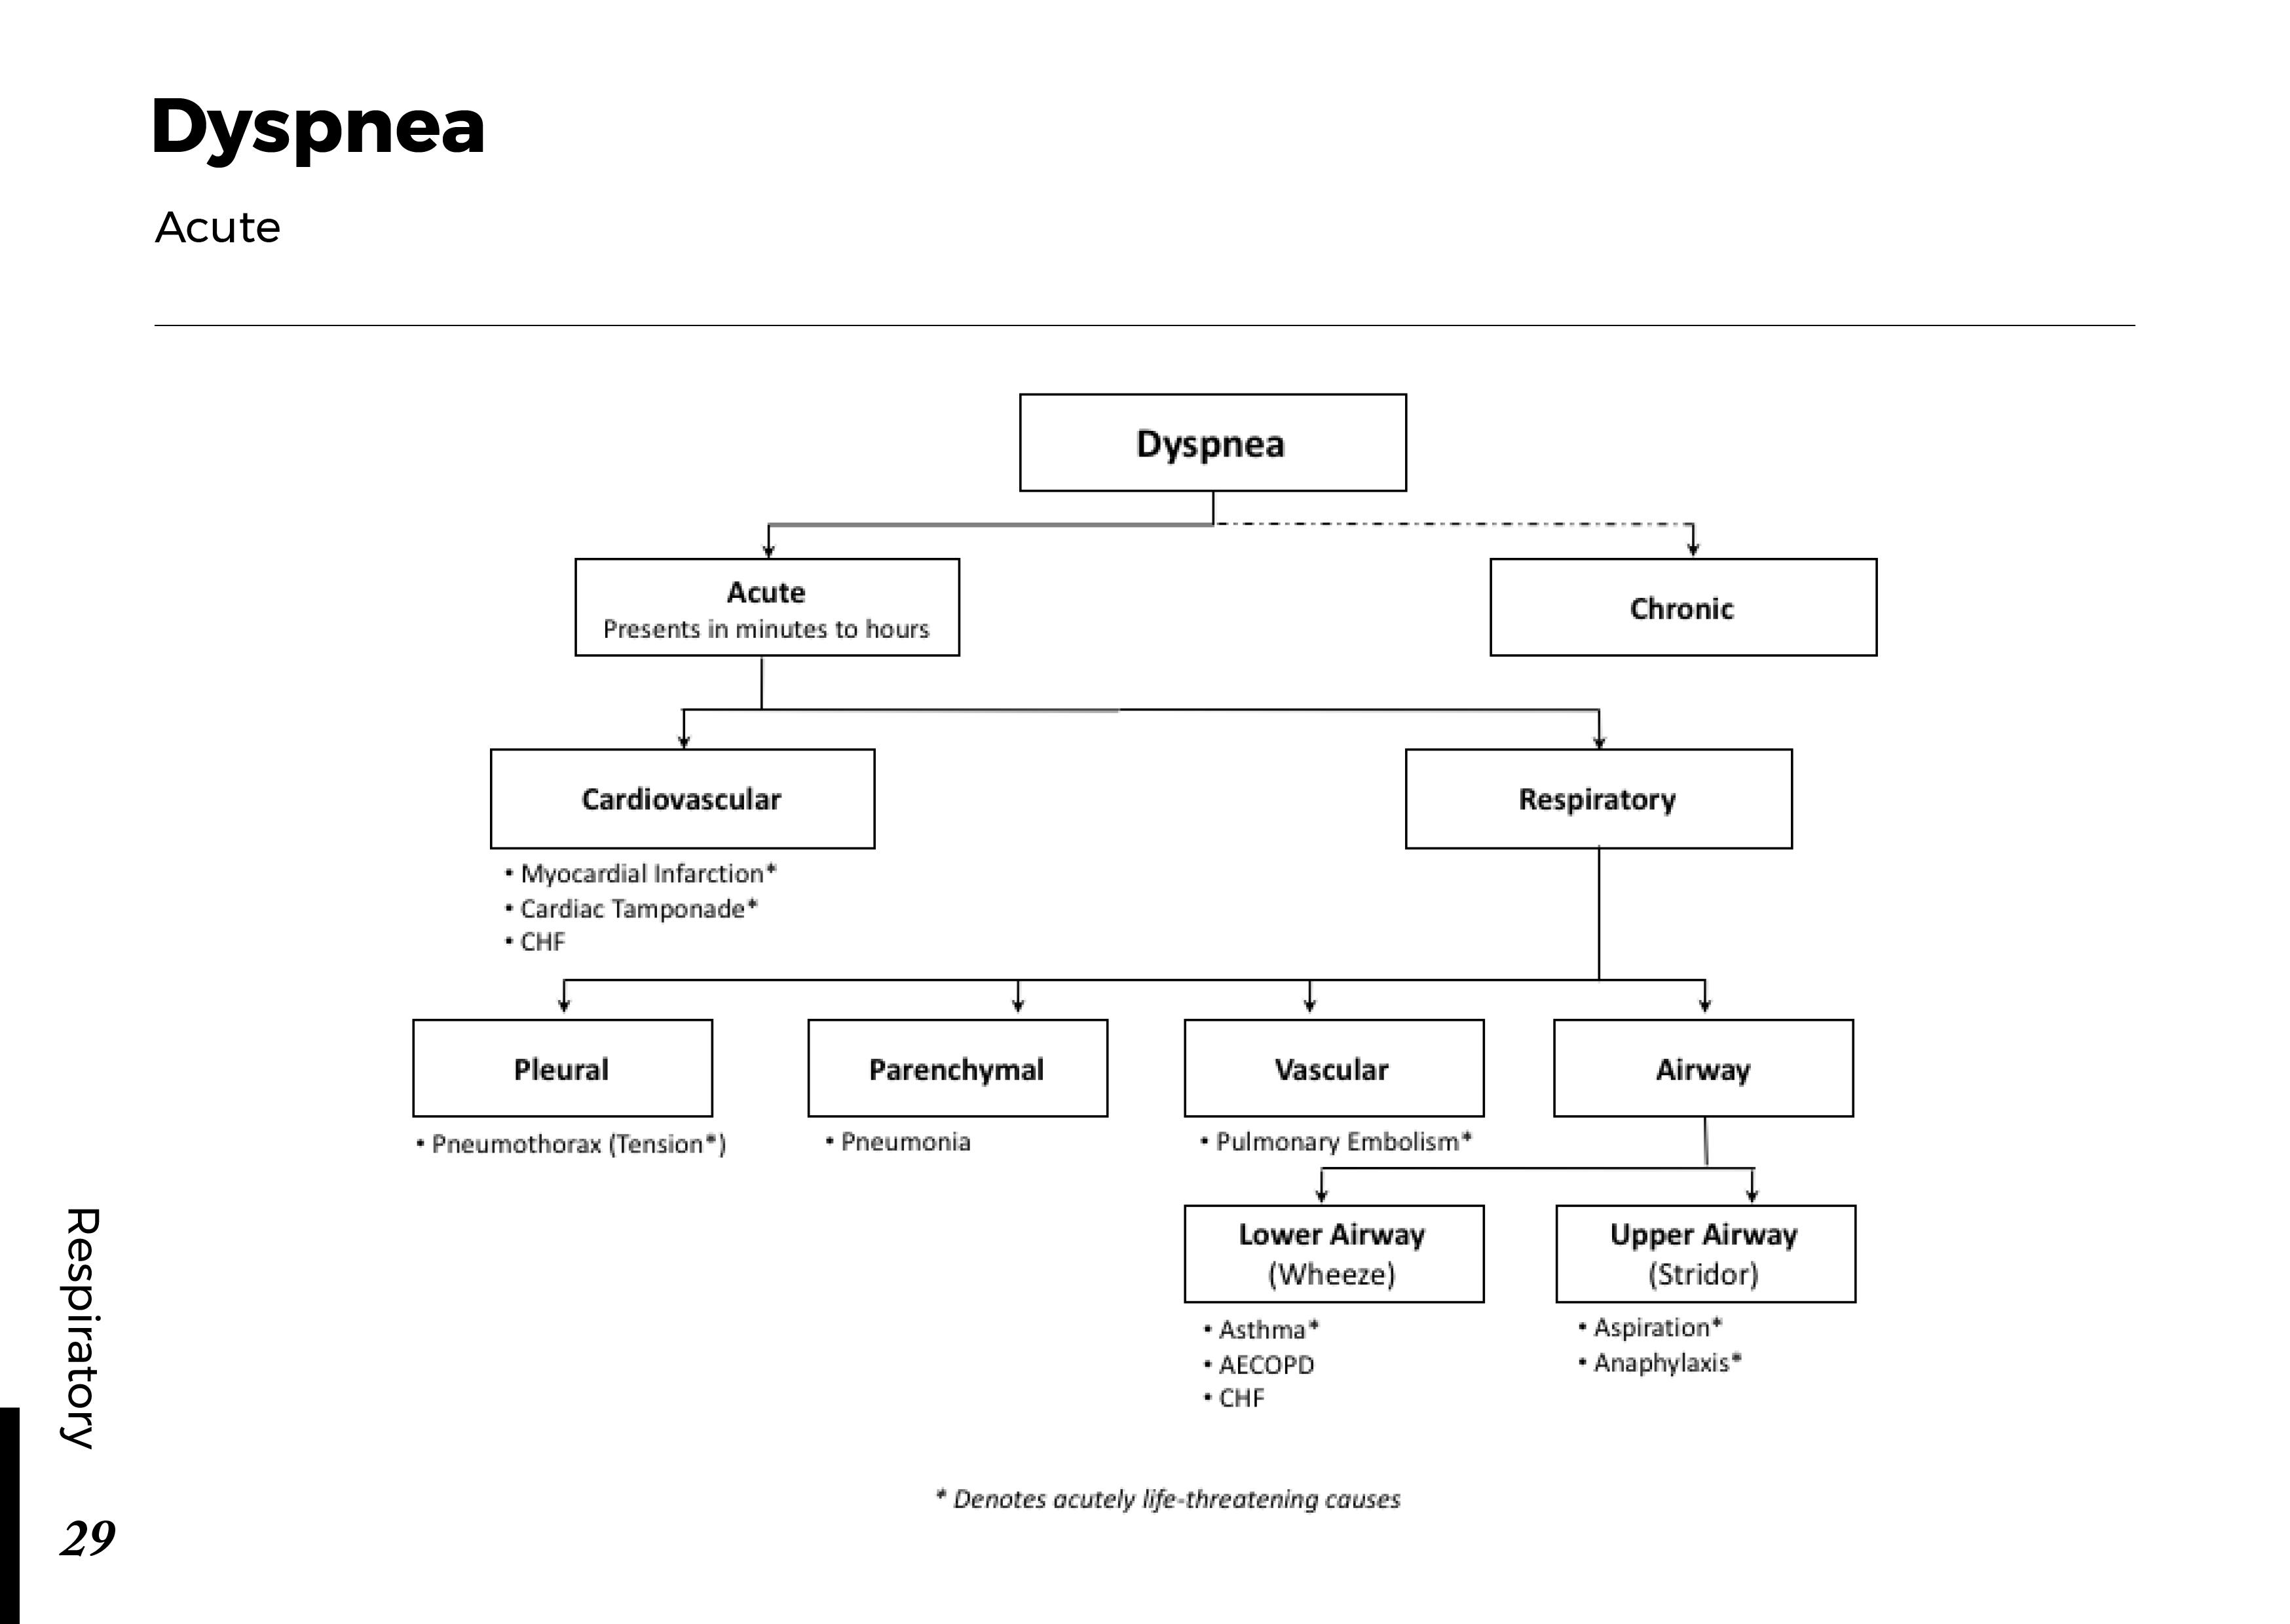 DYSPNEA: Acute Scheme